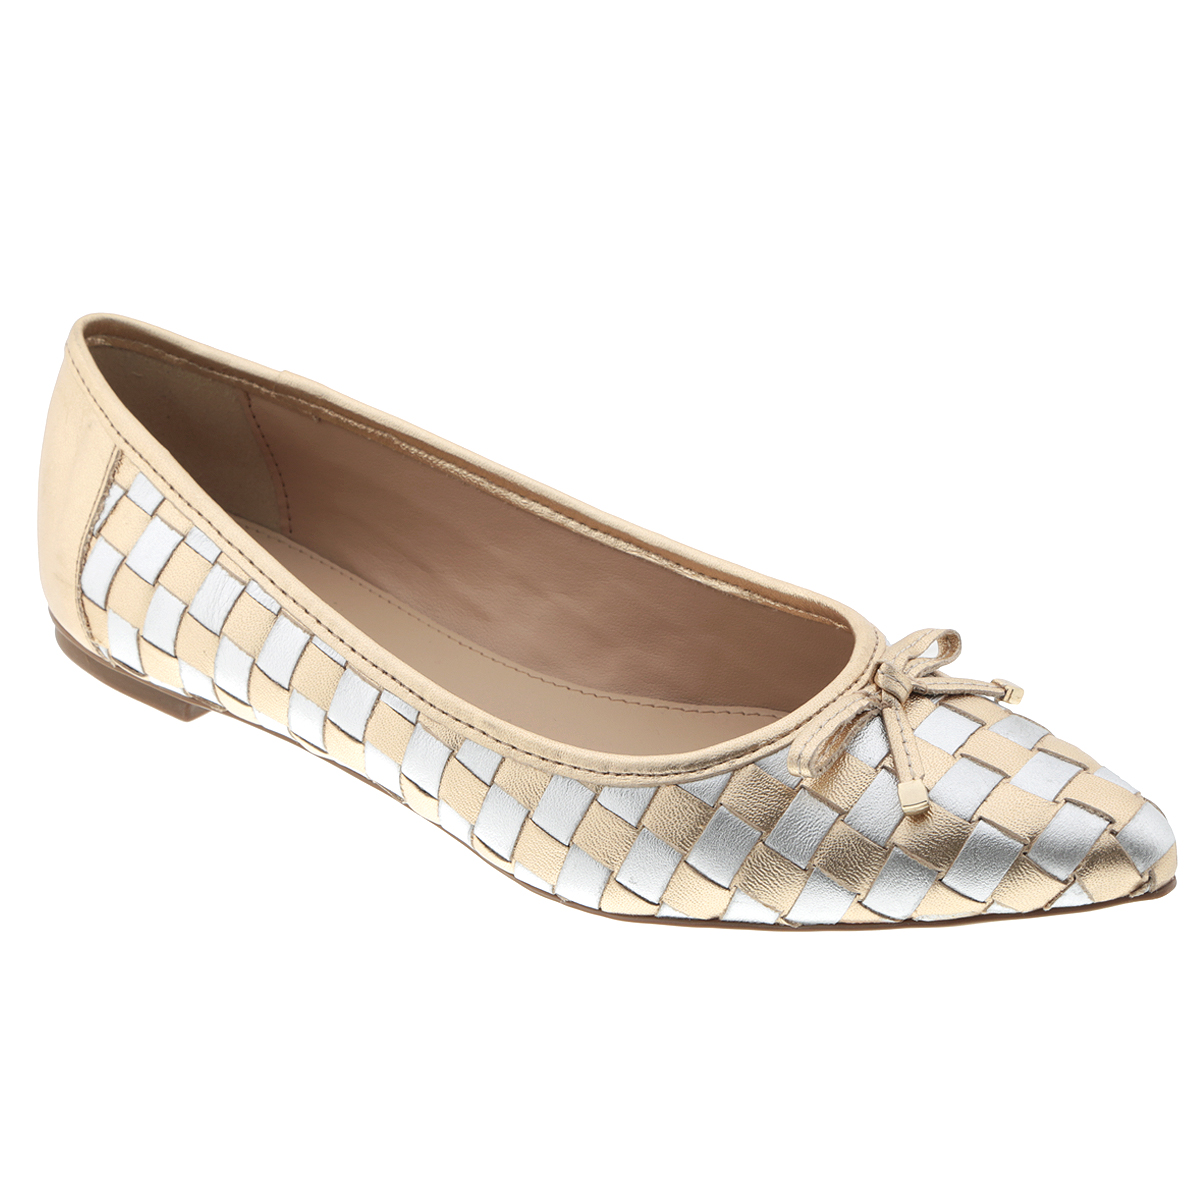 Балетки Tabita, цвет: золотой, серебряный. 6043460. Размер BRA 33 (34)6043460Яркие балетки от Tabita внесут эффектные нотки в ваш модный образ. Модель выполнена из натуральной высококачественной кожи и оформлена декоративным плетением. Мыс изделия декорирован милым кожаным бантиком, дополненным на концах металлическими пластинами. Заостренный носок - тренд сезона! Стелька из искусственной кожи комфортна при движении. Низкий каблук - с противоскользящим рифлением.Удобные балетки - незаменимая вещь в гардеробе каждой женщины.